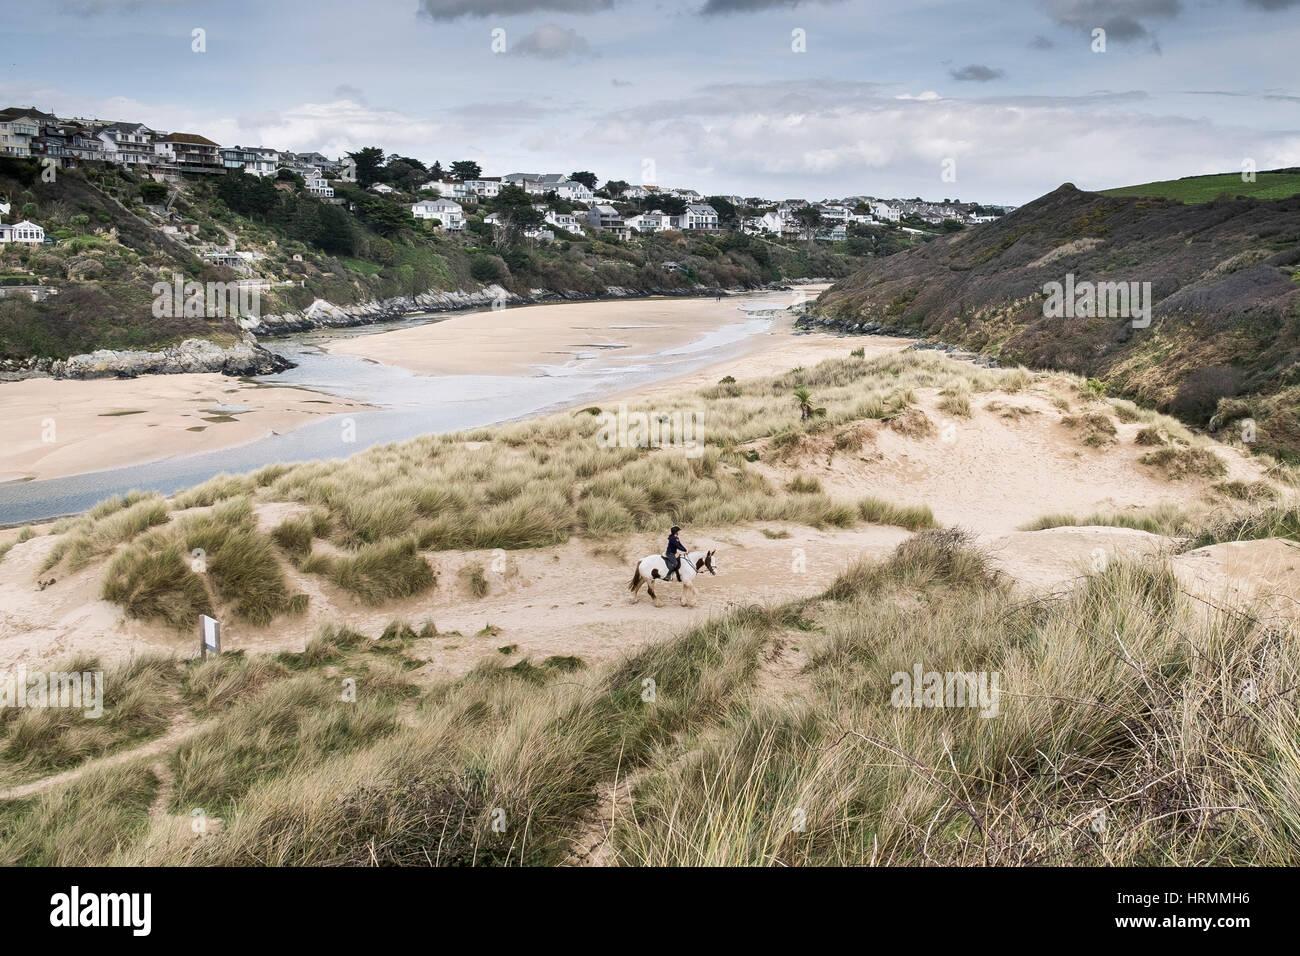 Jinete dunas crantock newquay cornwall Inglaterra Imagen De Stock